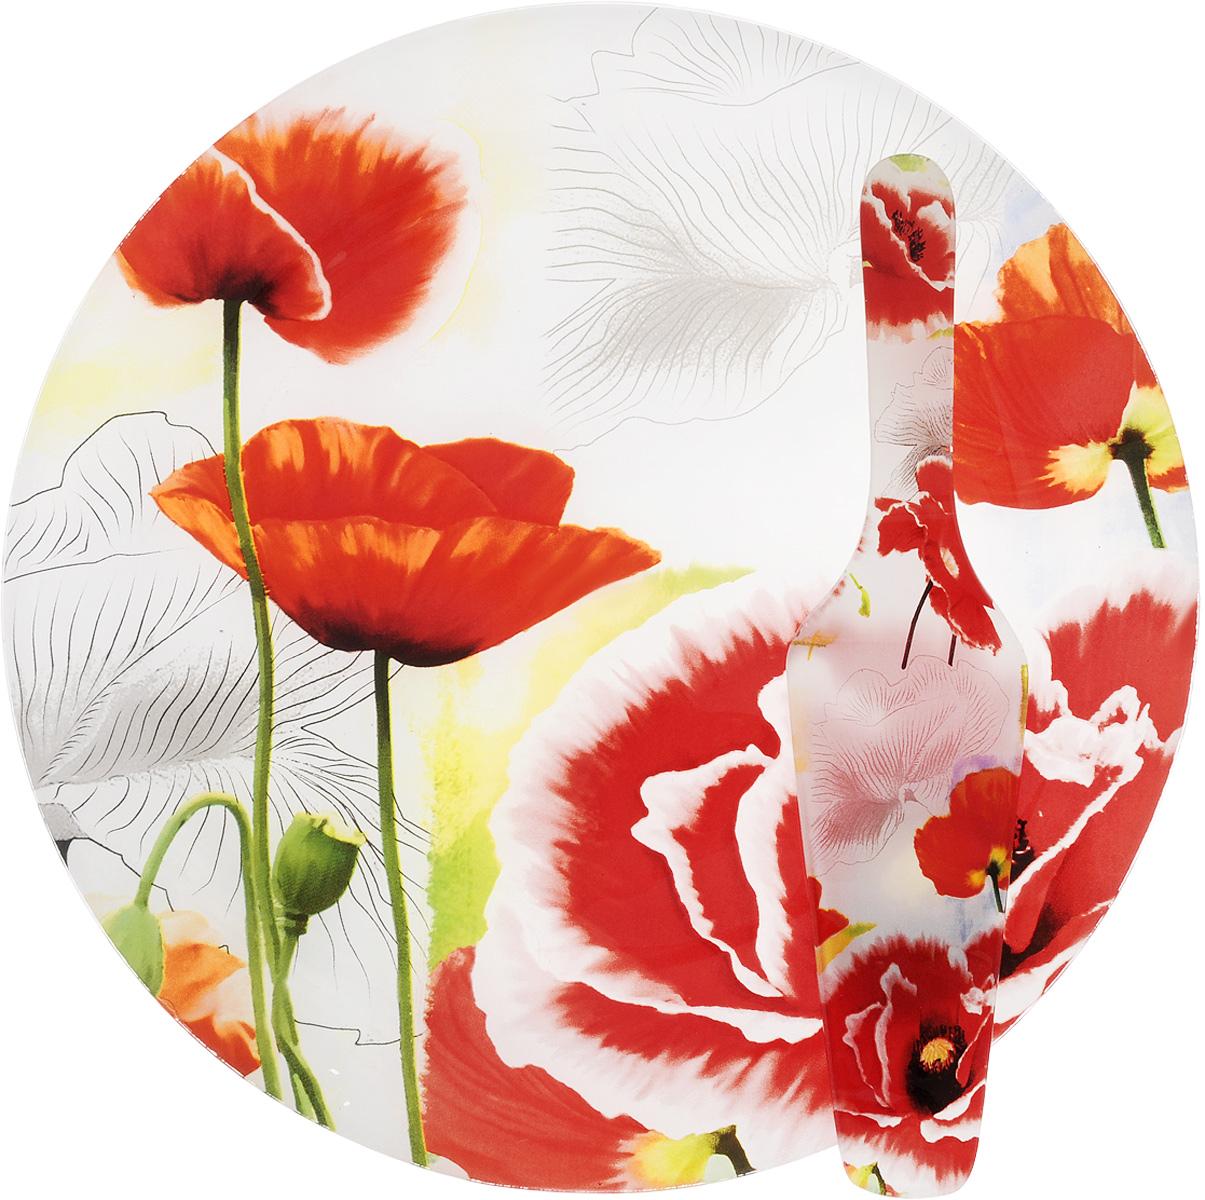 Блюдо для торта Loraine, с лопаткой, диаметр 30 см. 23901553-200Блюдо для торта Loraine выполнено из стекла с оригинальным изображением маков. Посуда обладает гладкой непористой поверхностью и не впитывает запахи, ее легко и просто мыть. Изящный дизайн и красочность оформления придутся по вкусу и ценителям классики, и тем, кто предпочитает утонченность и изысканность. В комплекте также предусмотрена лопатка.Такой набор послужит отличным подарком к любому празднику, а также добавит элегантности любому праздничному столу.Размер лопатки: 26 х 6 х 3 см.